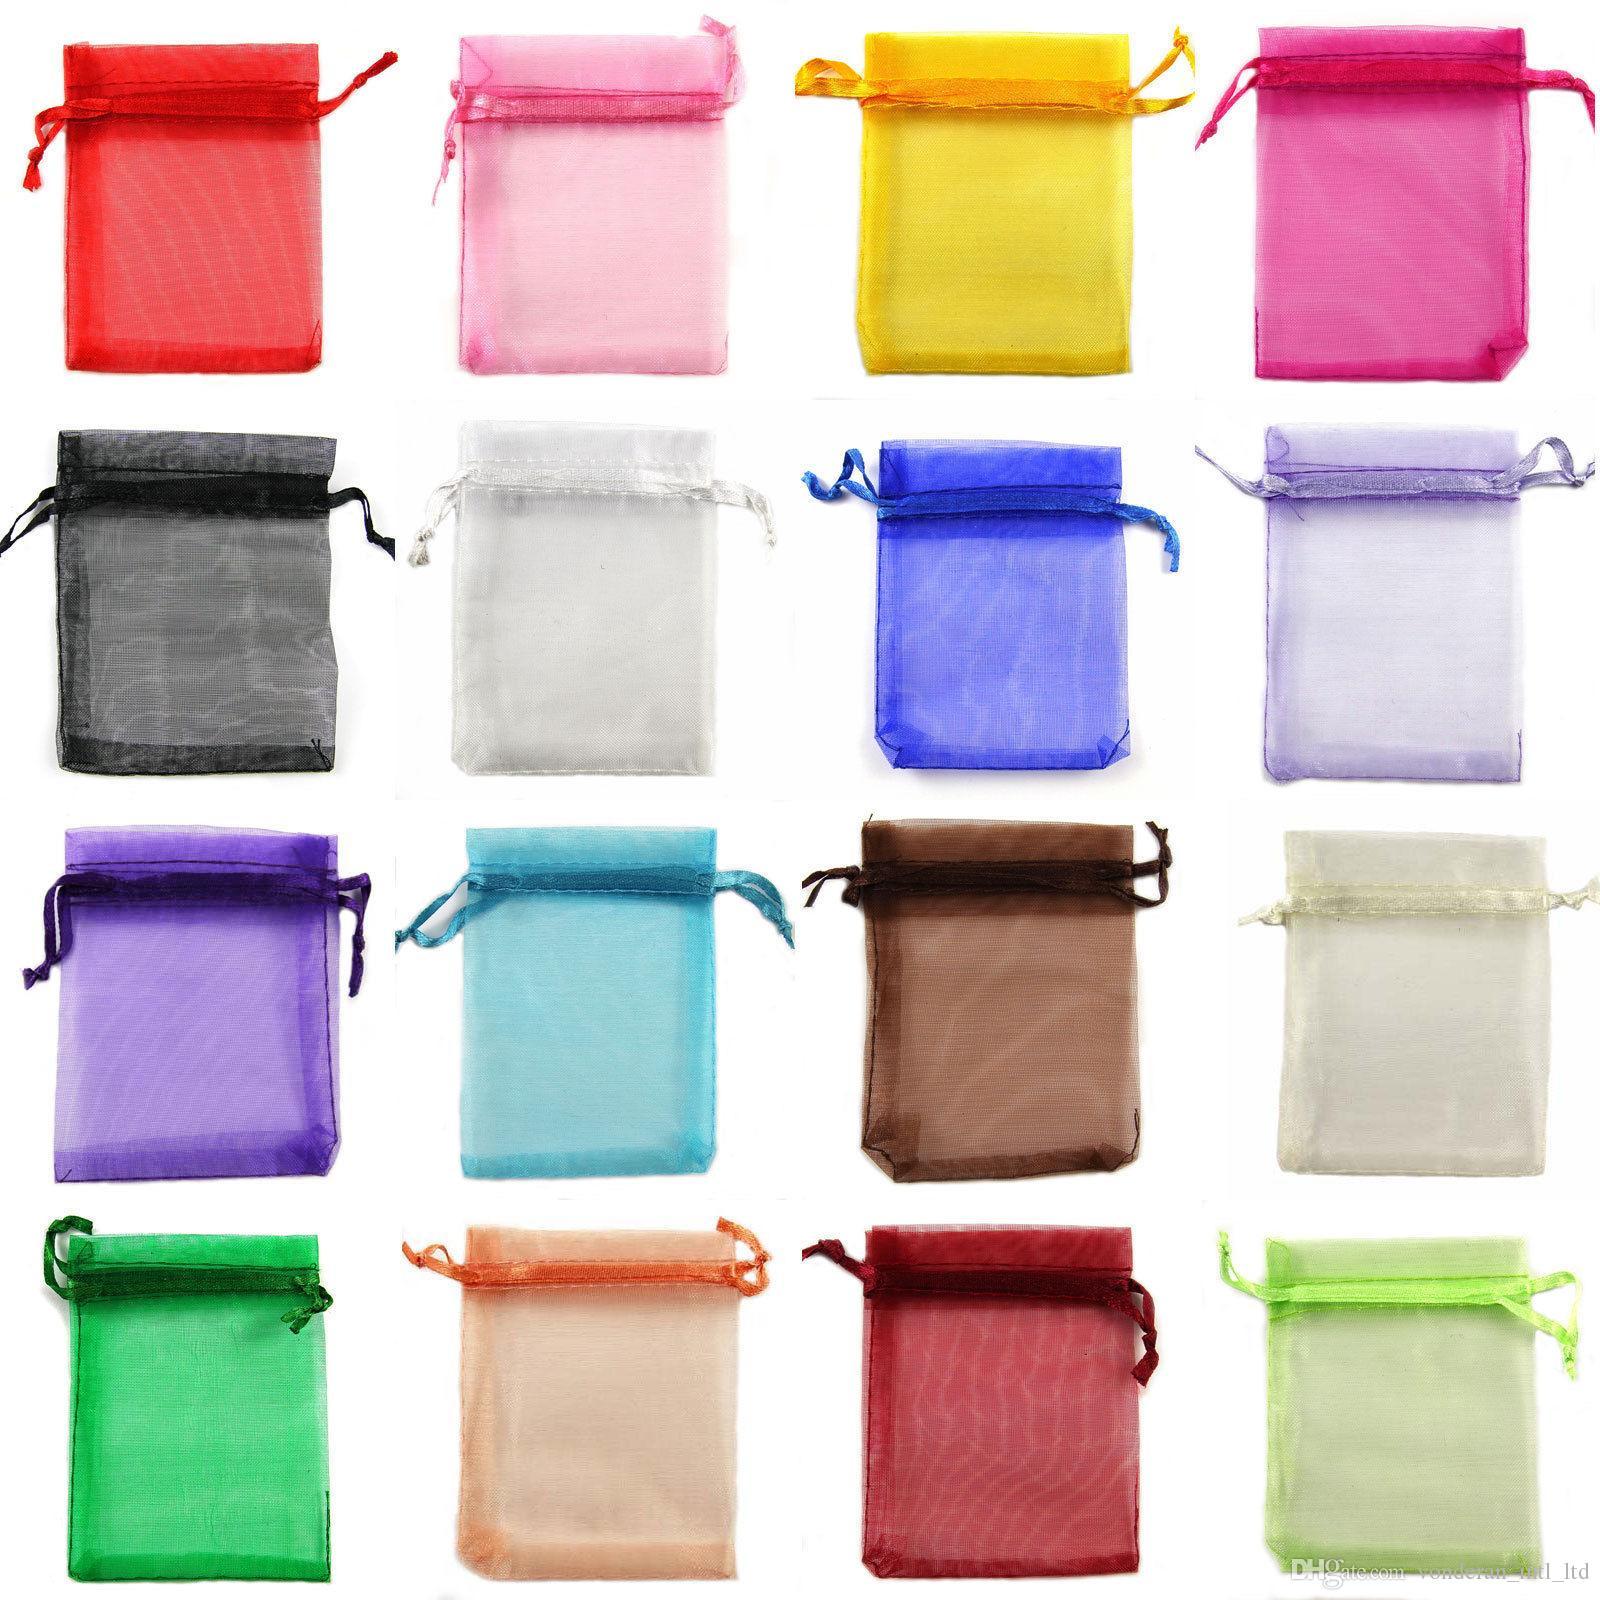 5 * 7 7 * 9 9 * 12 13 * 18 15 * 20 cm Bolsas de Organza con cordón Bolsa de regalo Bolsa de regalo Bolsa de joyería Bolsa de organza Bolsas de caramelo paquete de bolsa color de mezcla